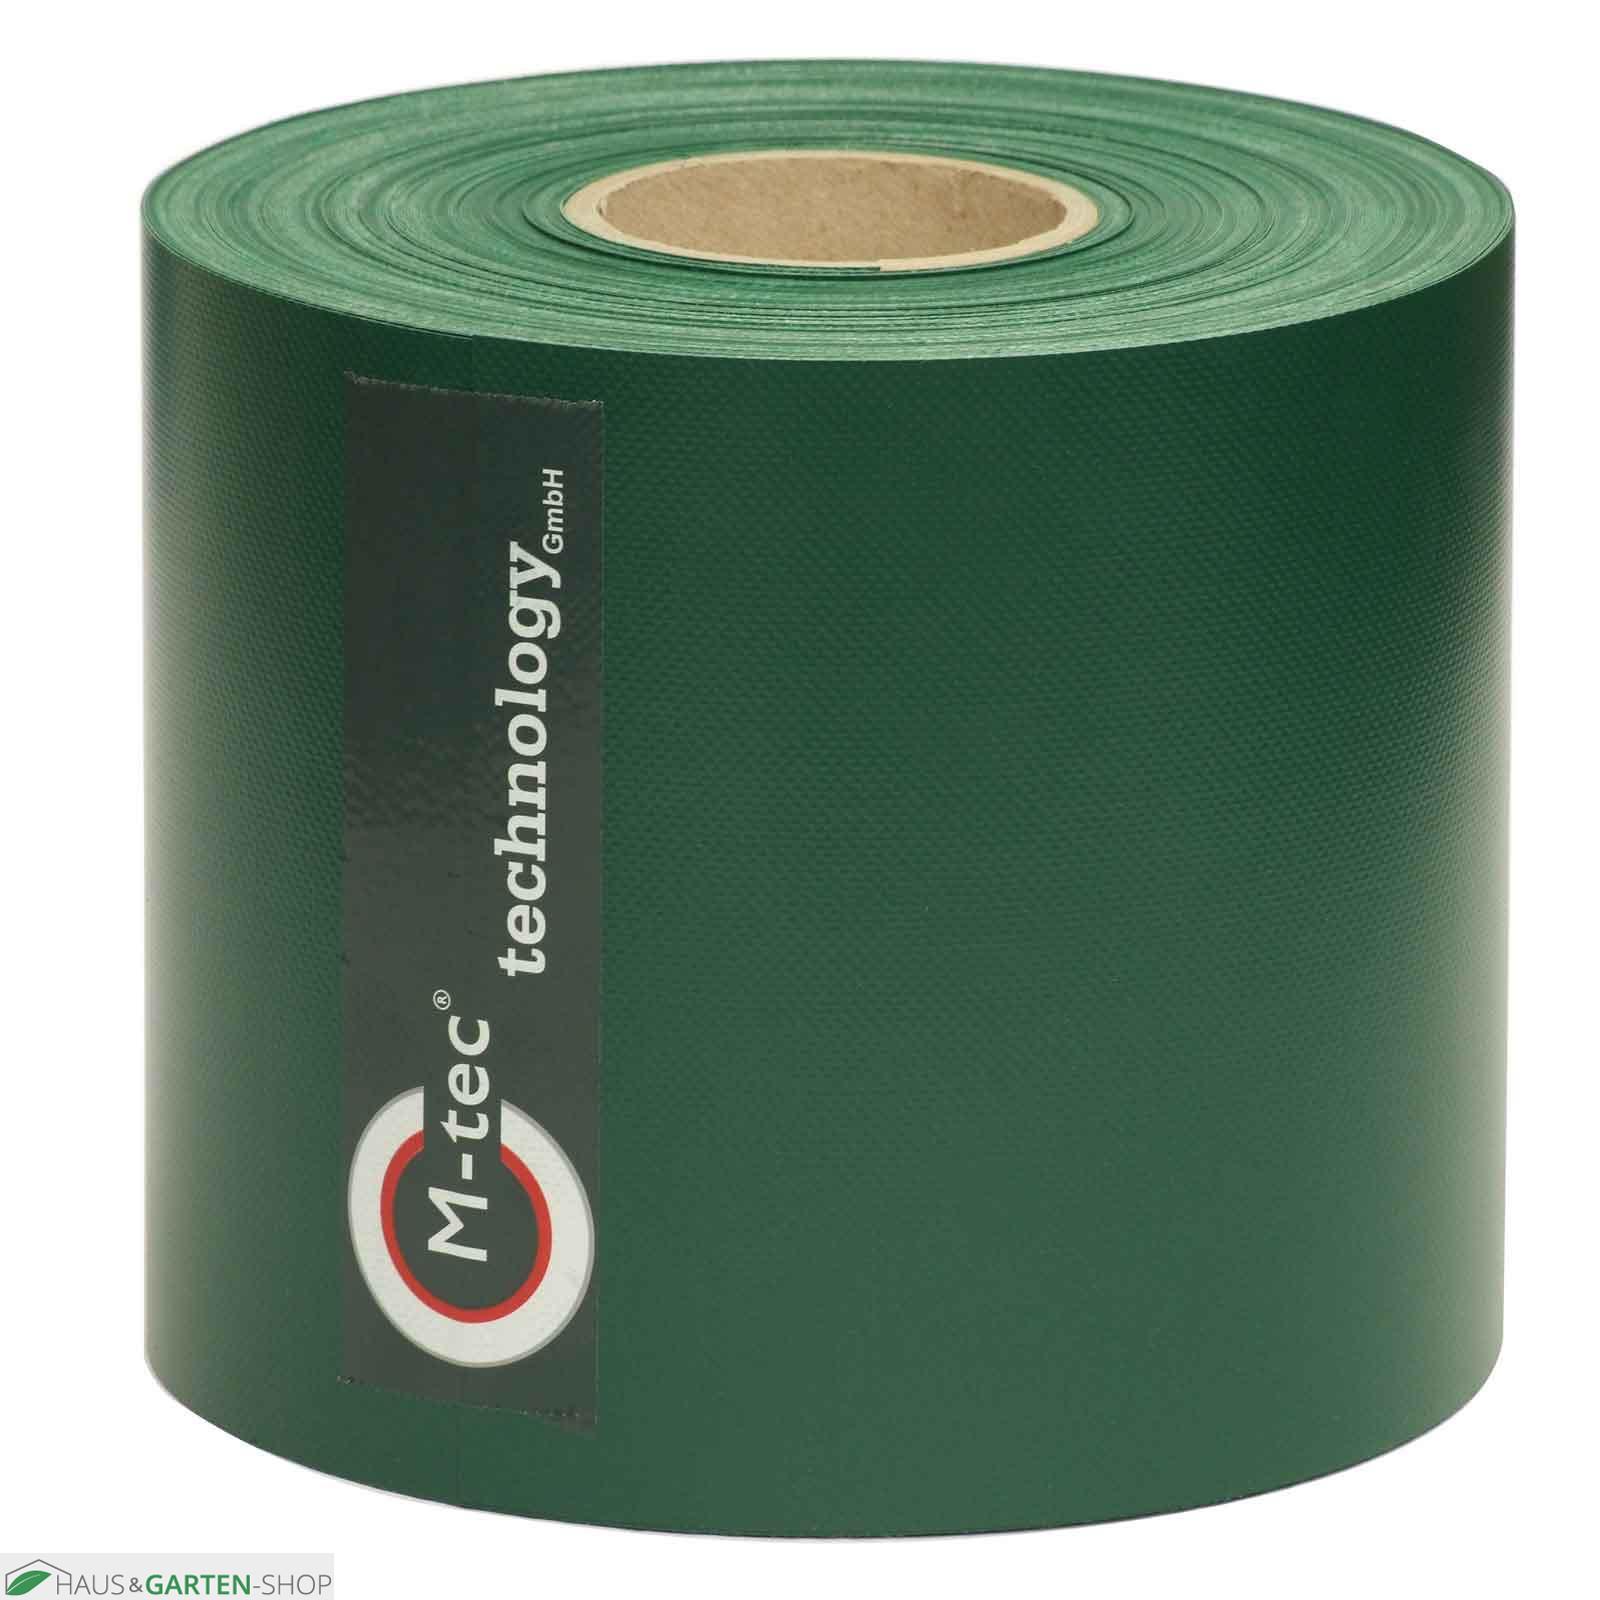 PVC Sichtschutz Streifen zum nachträglichen Einflechten